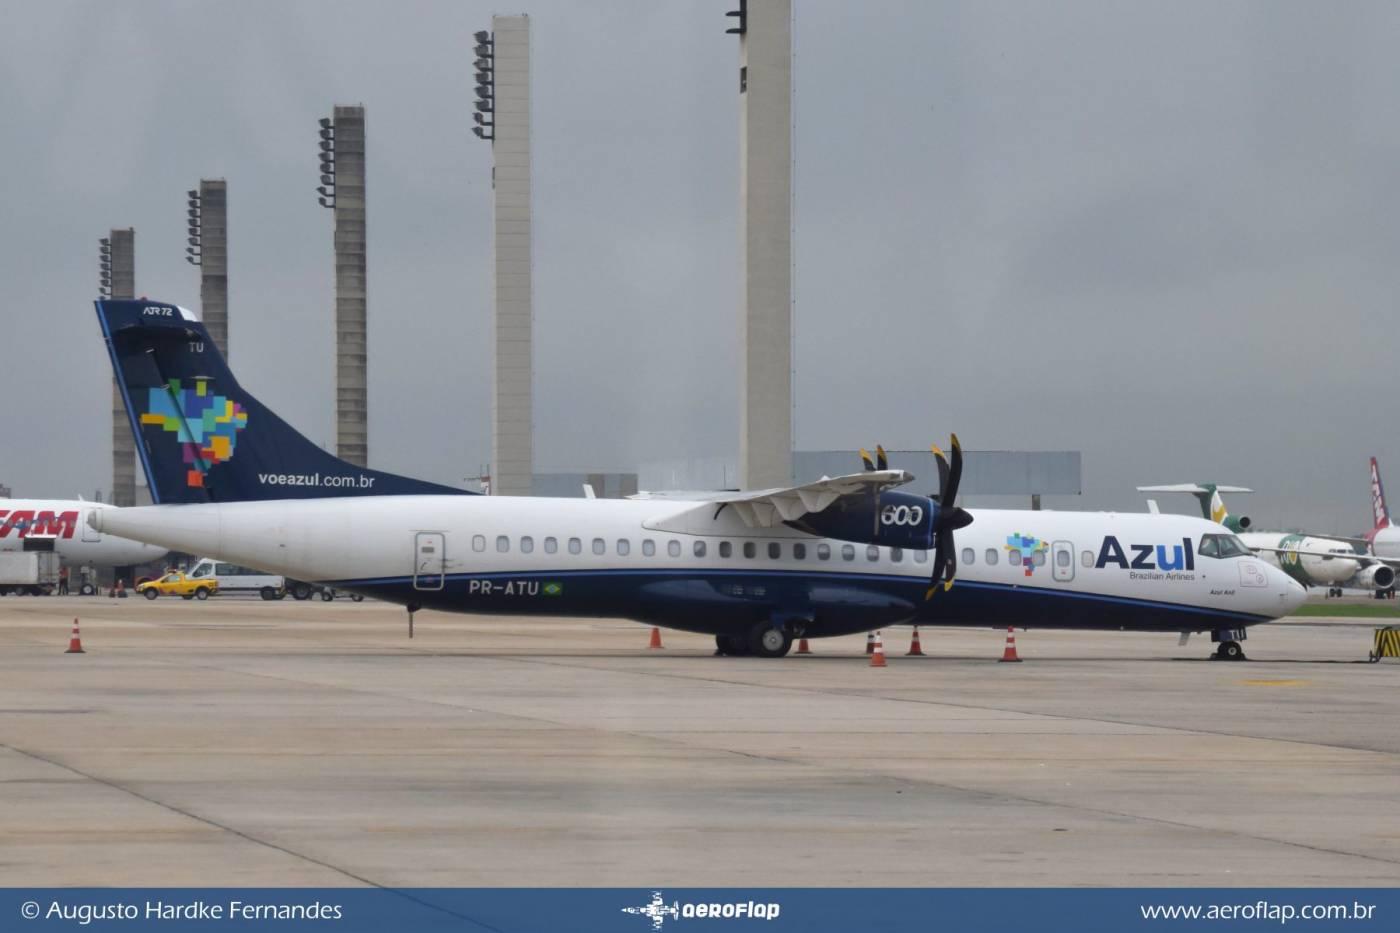 Azul Linhas Aéreas ATR 72-600